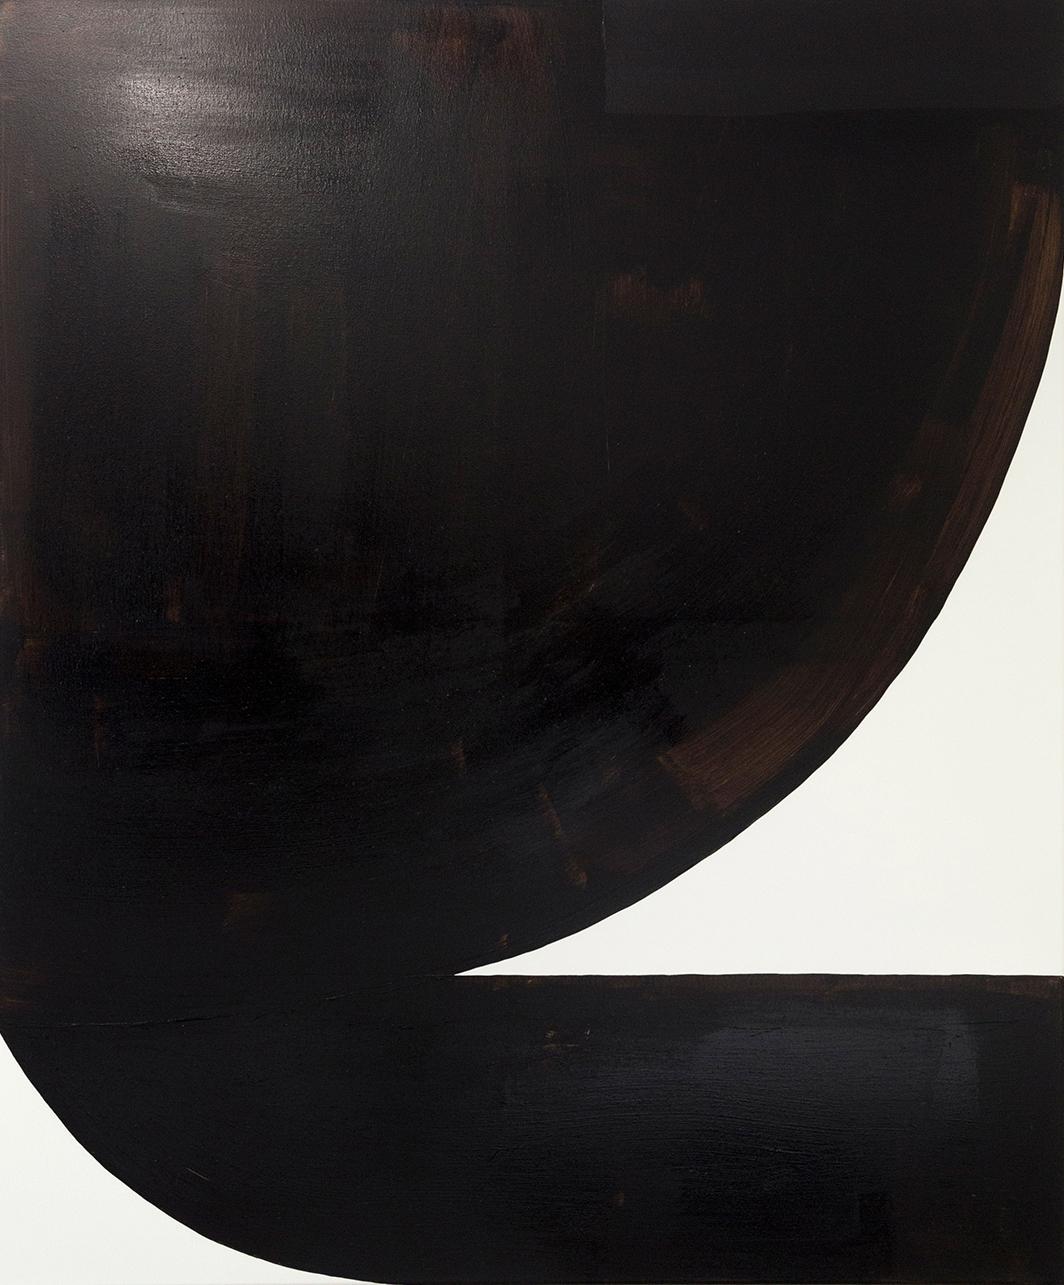 Karolina Bielawska: Black Sun II - Gdynia, 2017